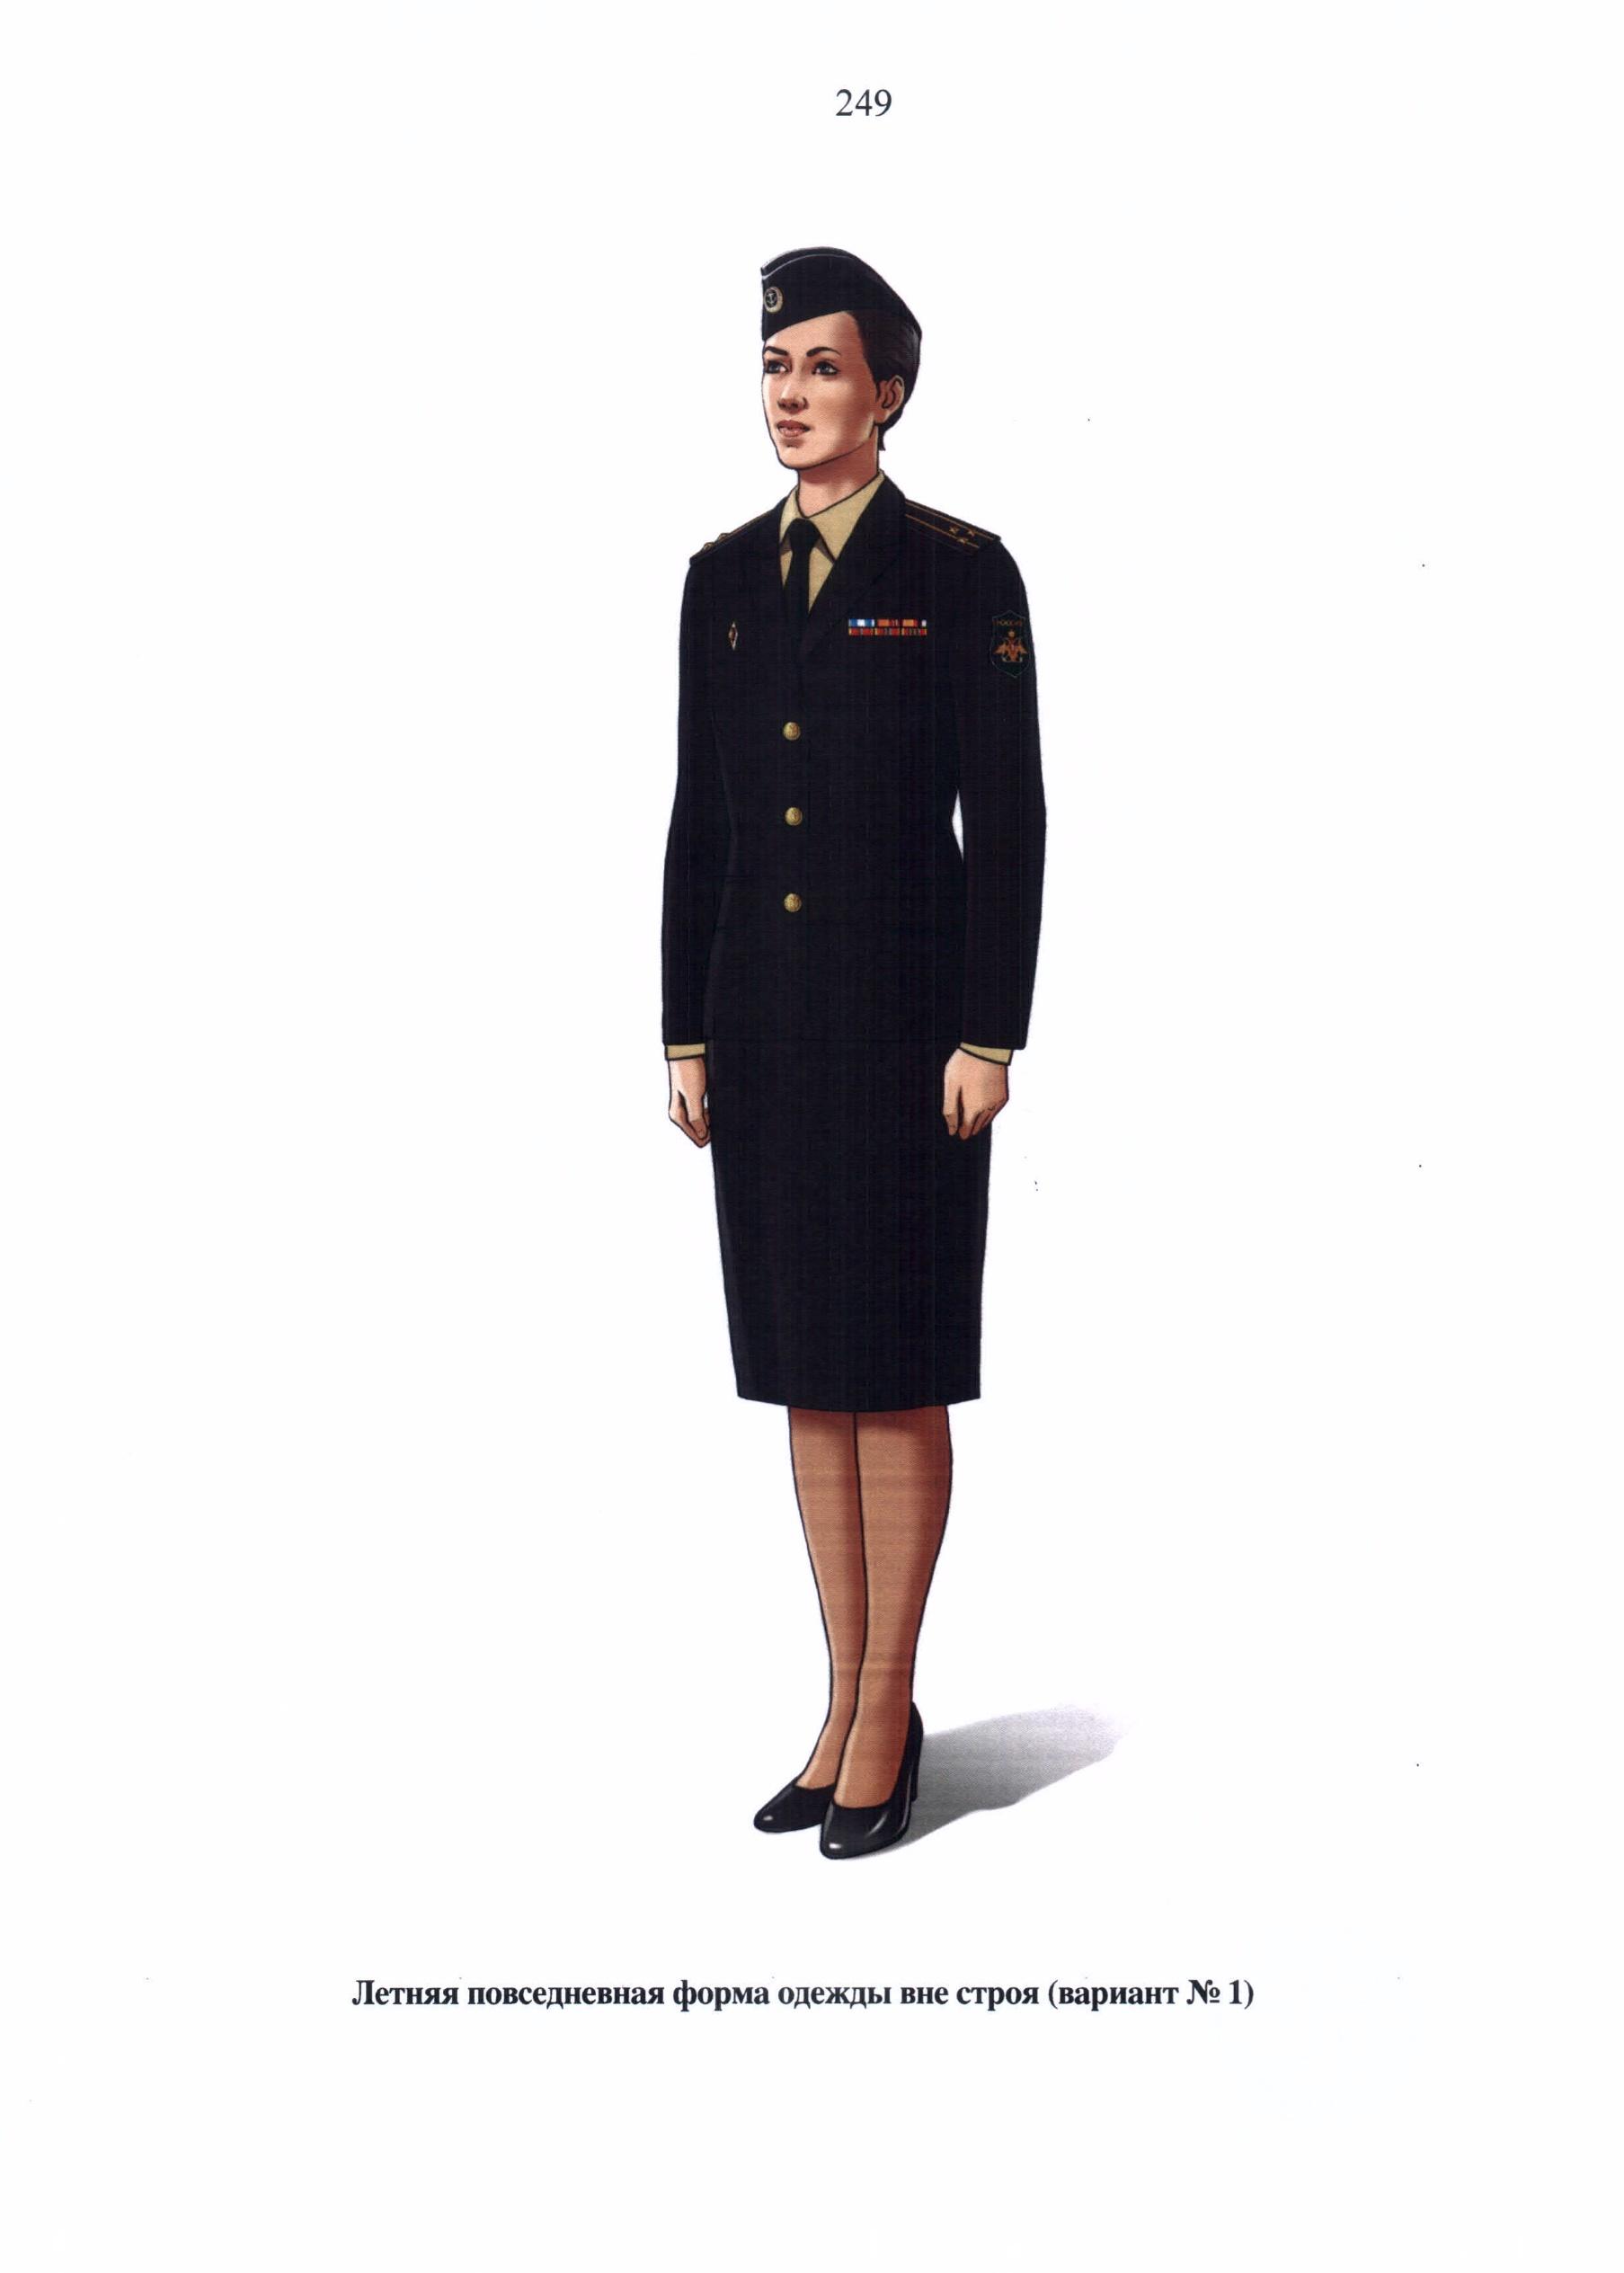 C:\Users\User\Desktop\Приказ МО РФ от 22.06.2015 г. № 300 Правила ношения военной формы одежды\183751.JPG